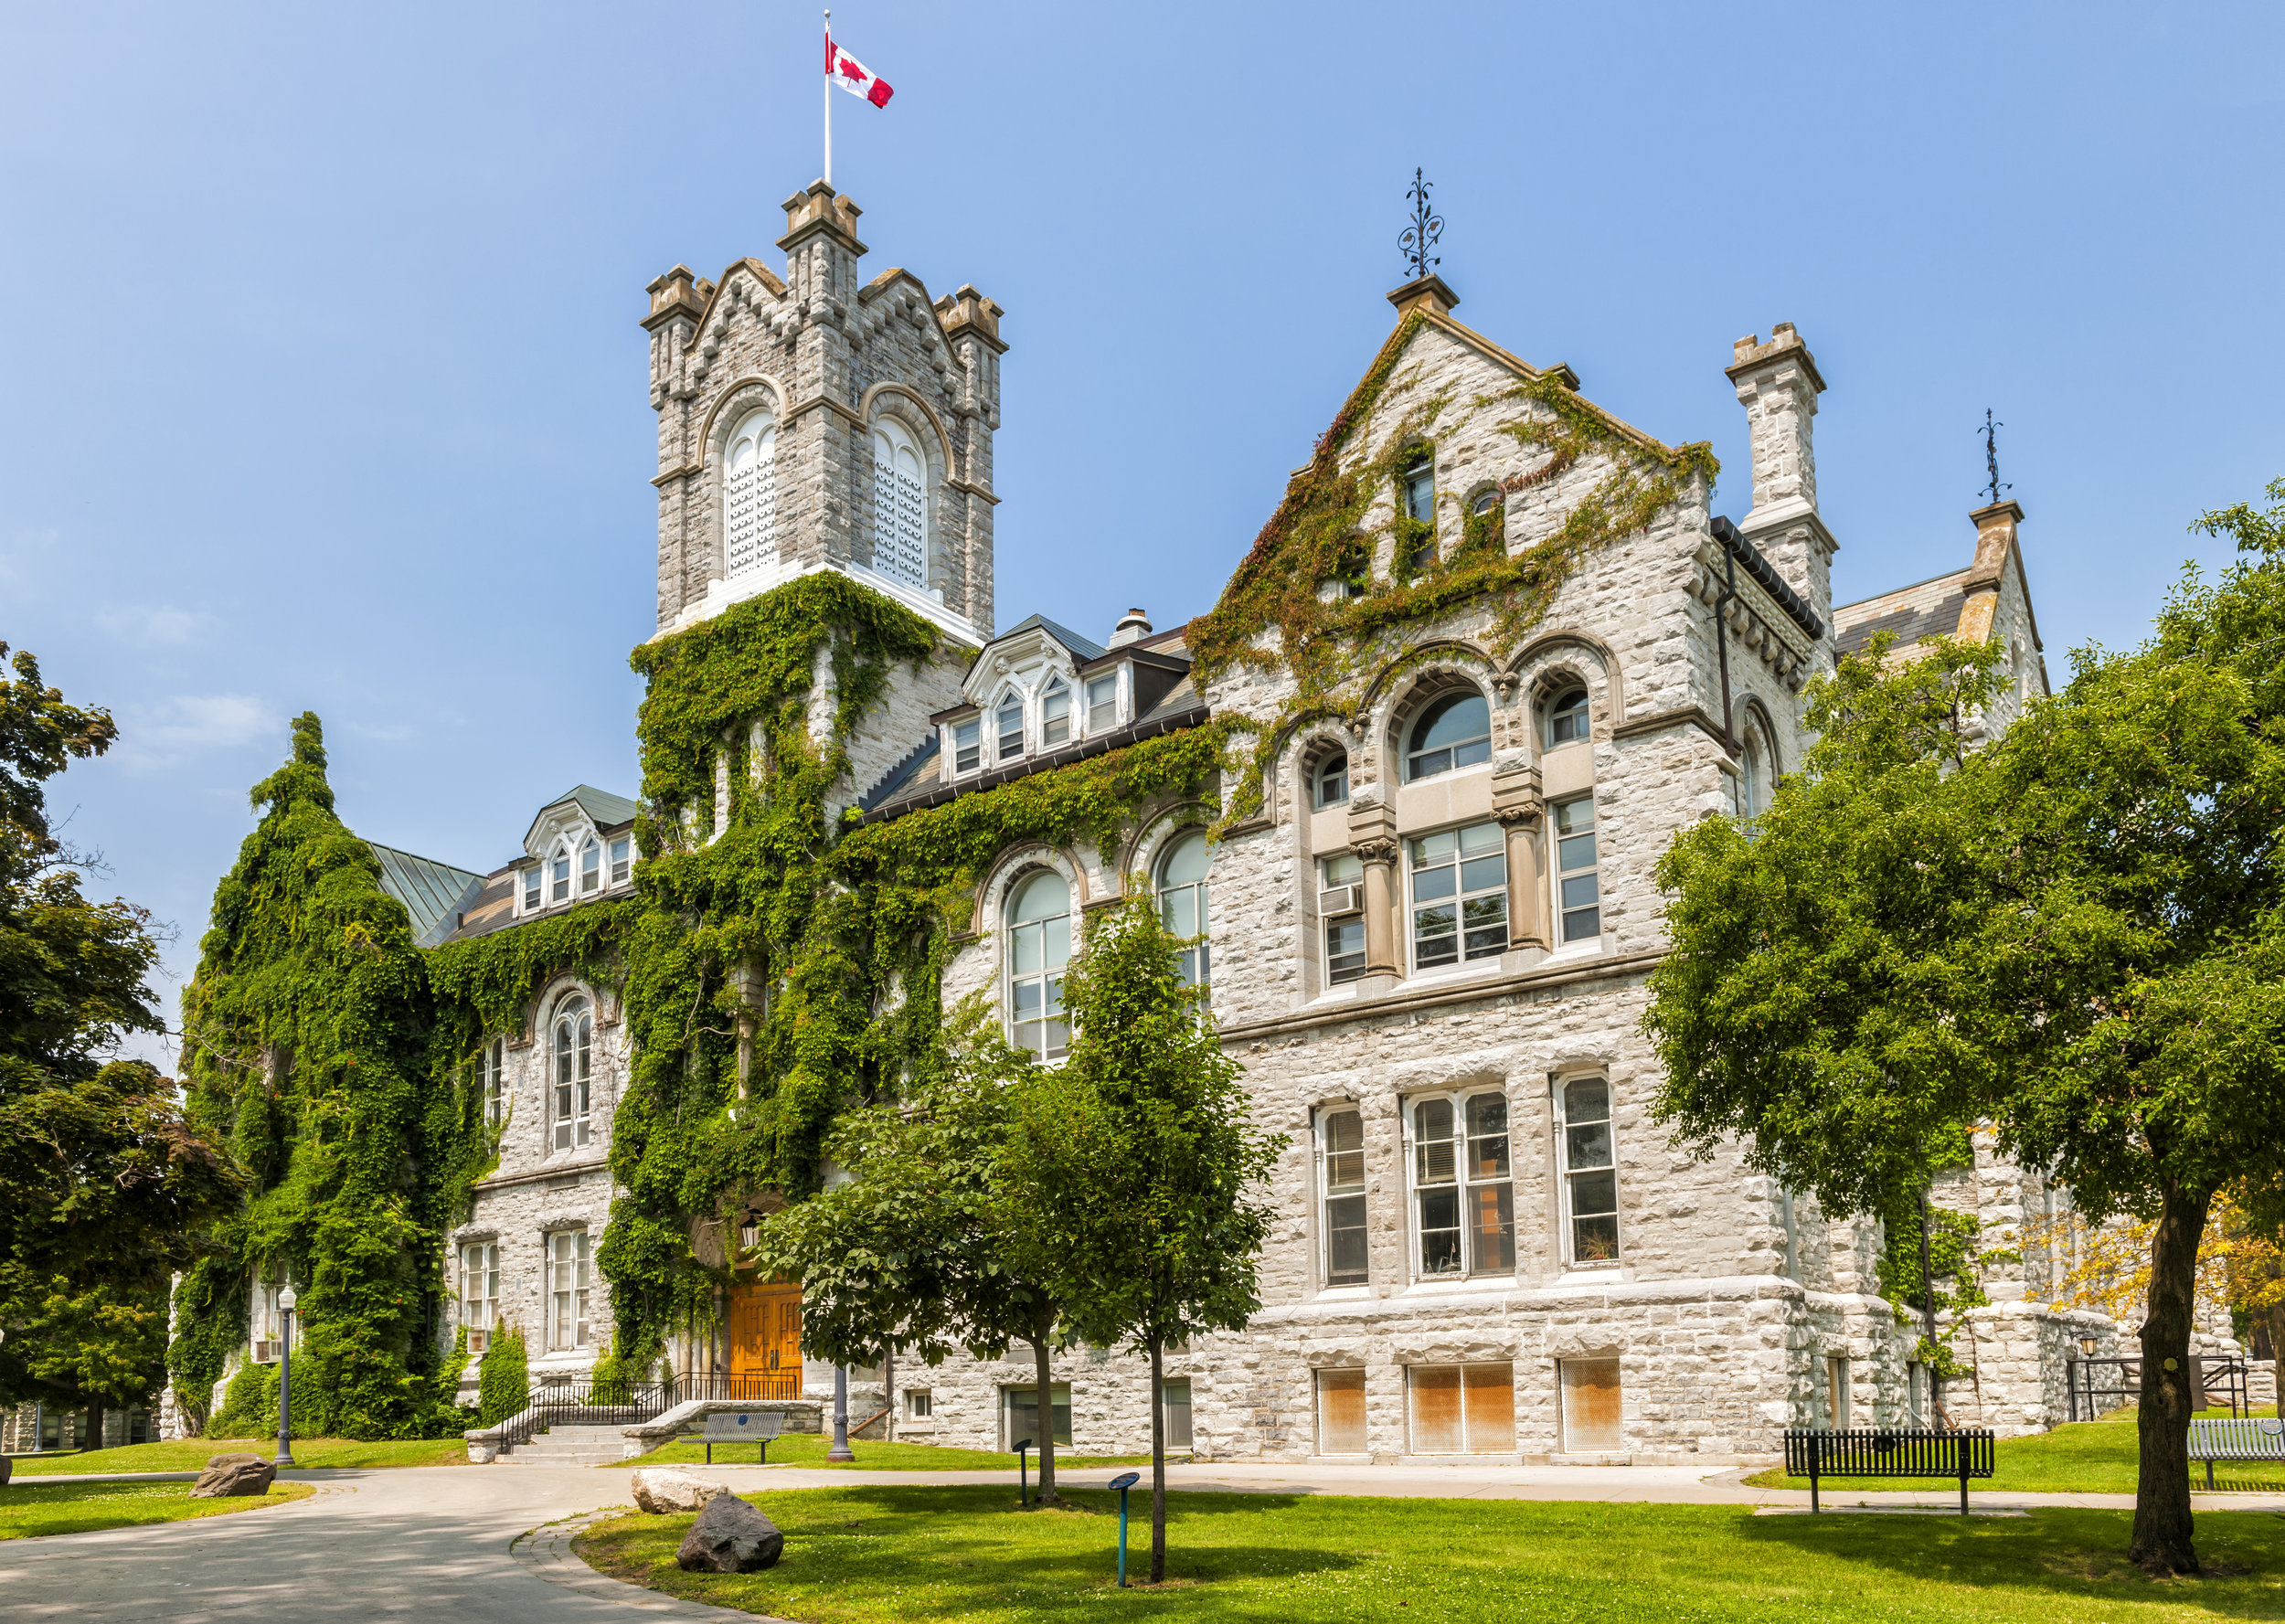 Queen's University in Kingston, Ontario.